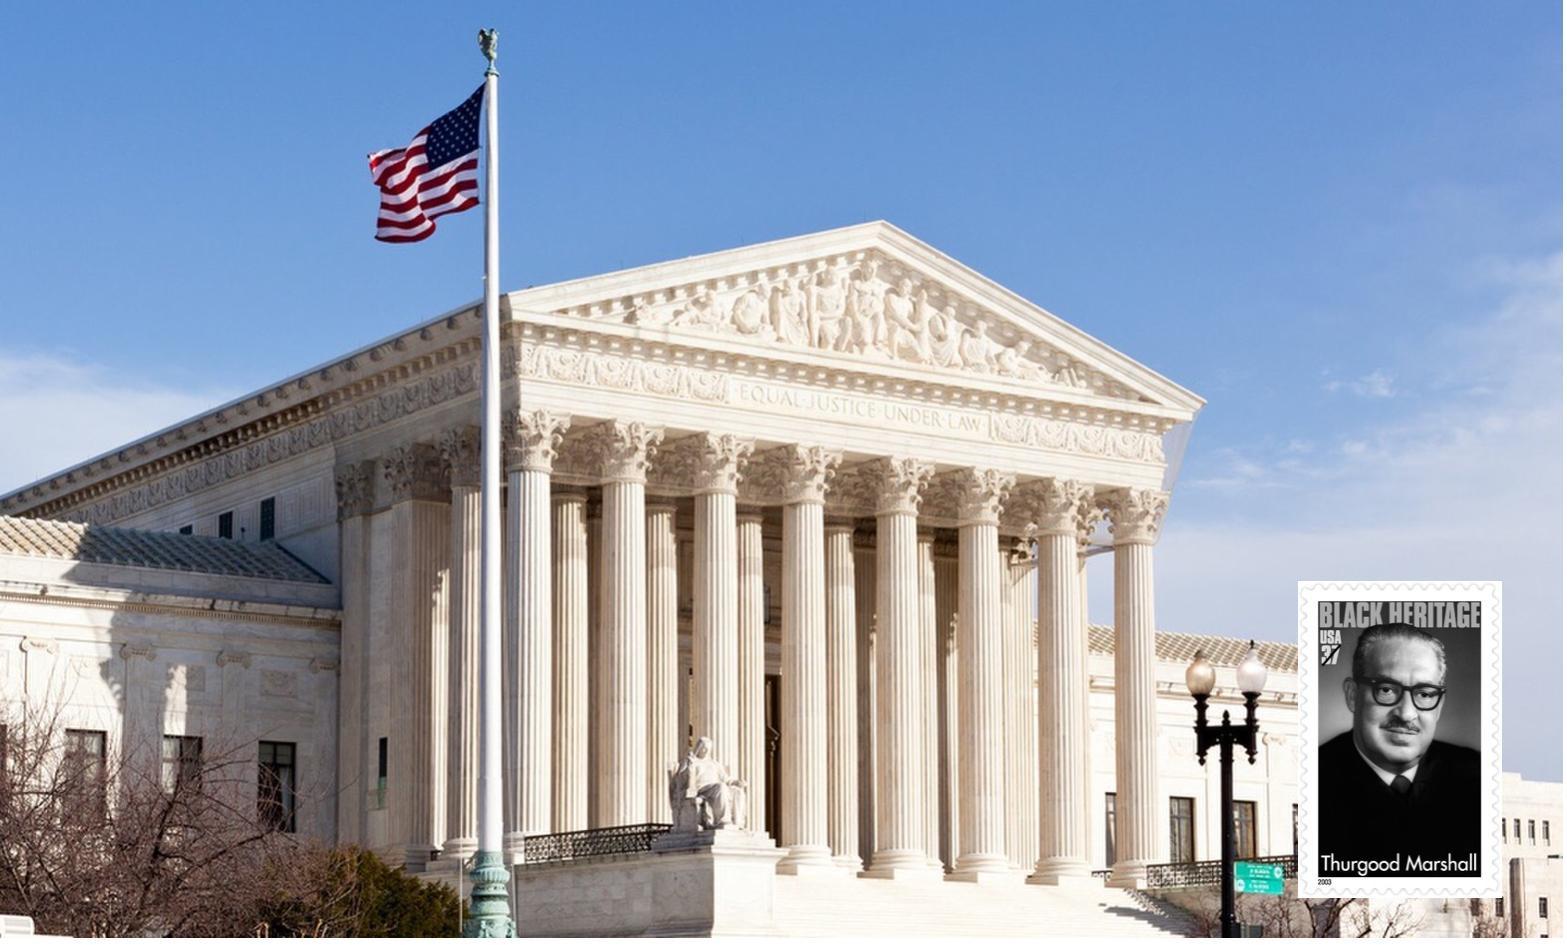 Supreme Court building with Thrurgood Marshall